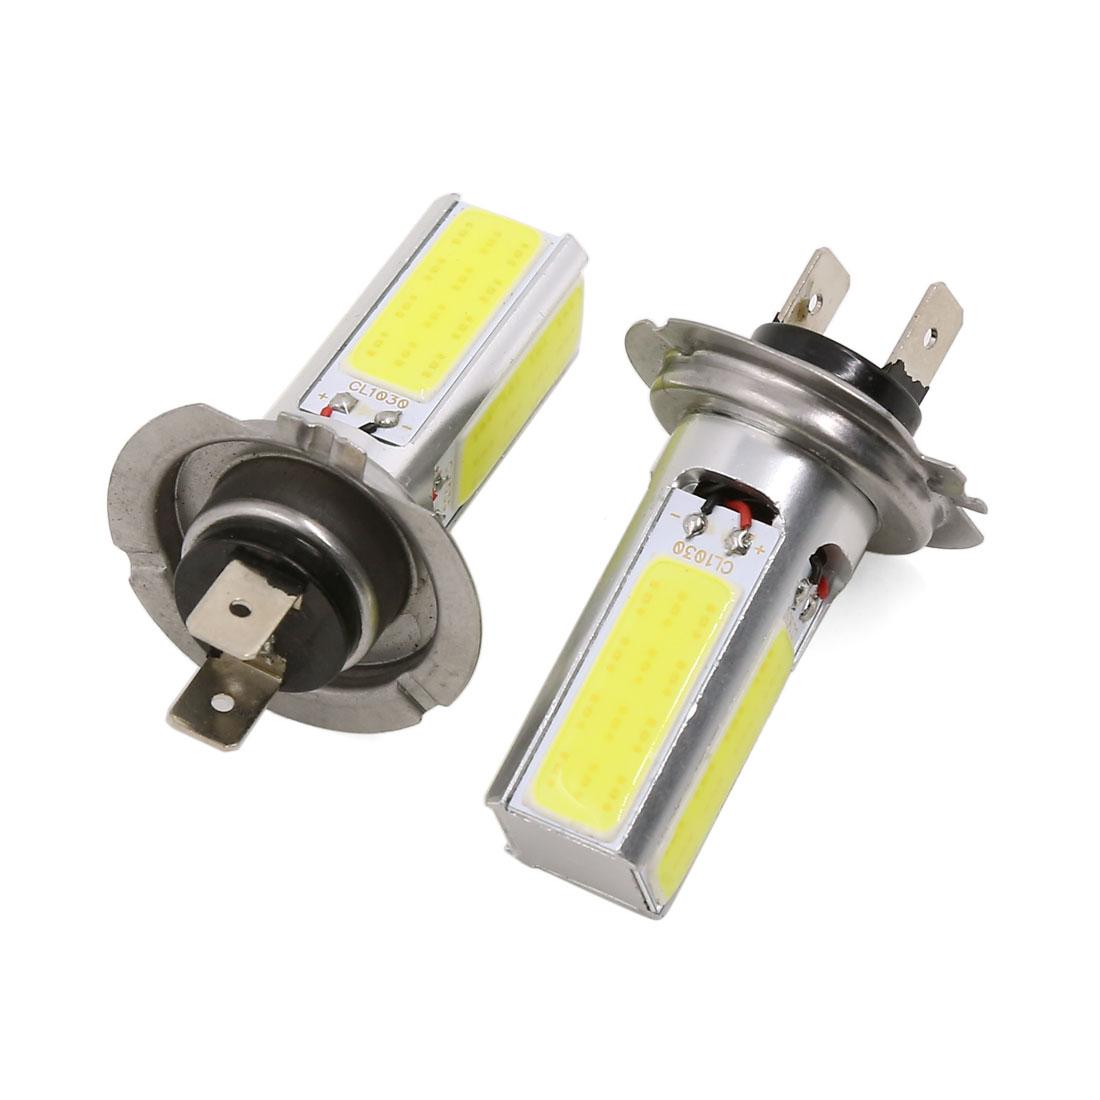 2 Pcs H7 White 4 COB LED Fog Running Light Driving DRL Lamp Bulb 12V 15W